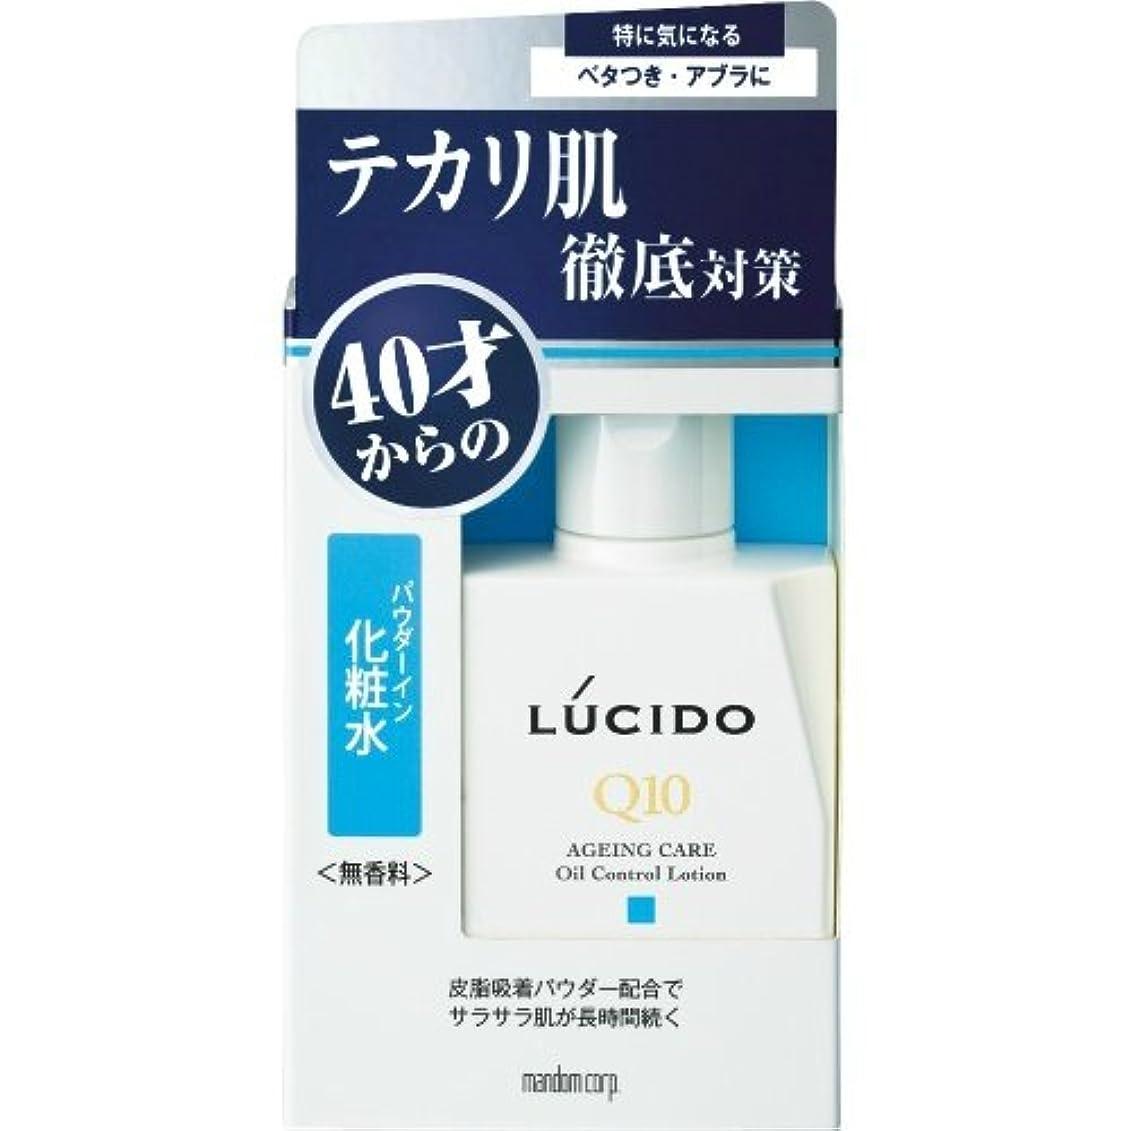 圧縮された風味セブンMANDOM マンダム ルシード 薬用オイルコントロール パウダーイン化粧水 無香料 100ml ×10点セット(4902806107685)